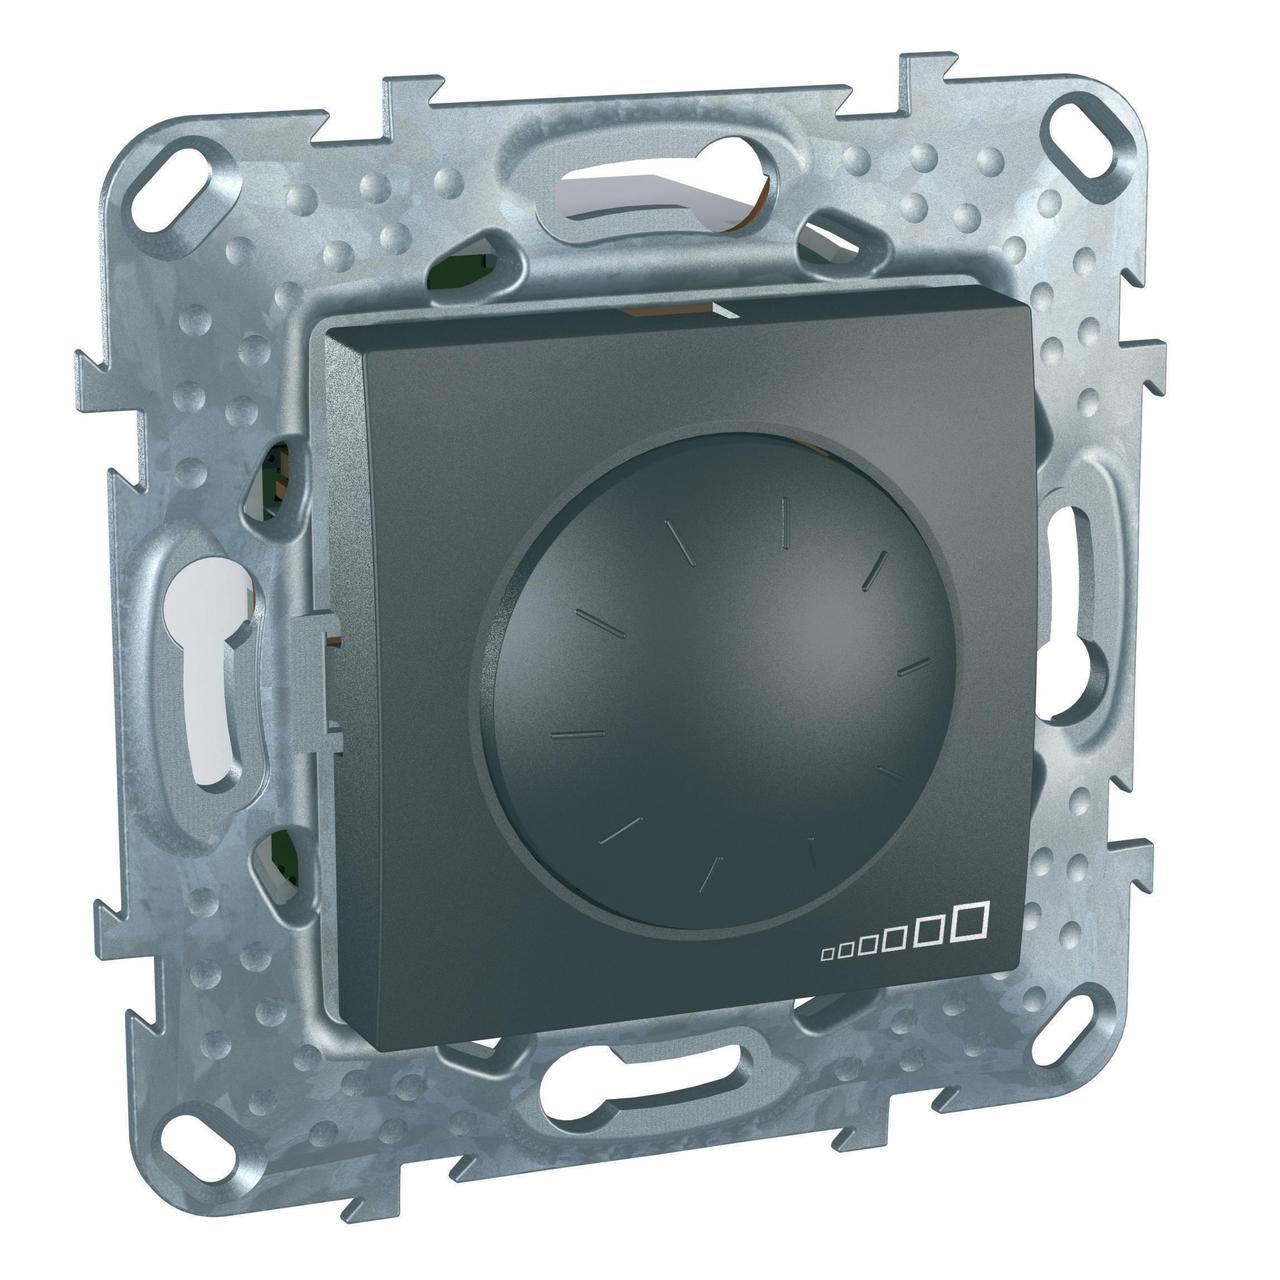 Диммер поворотно-нажимной , 400Вт LED универсальны , Графит, серия UNICA TOP/CLASS, Schneider Electric